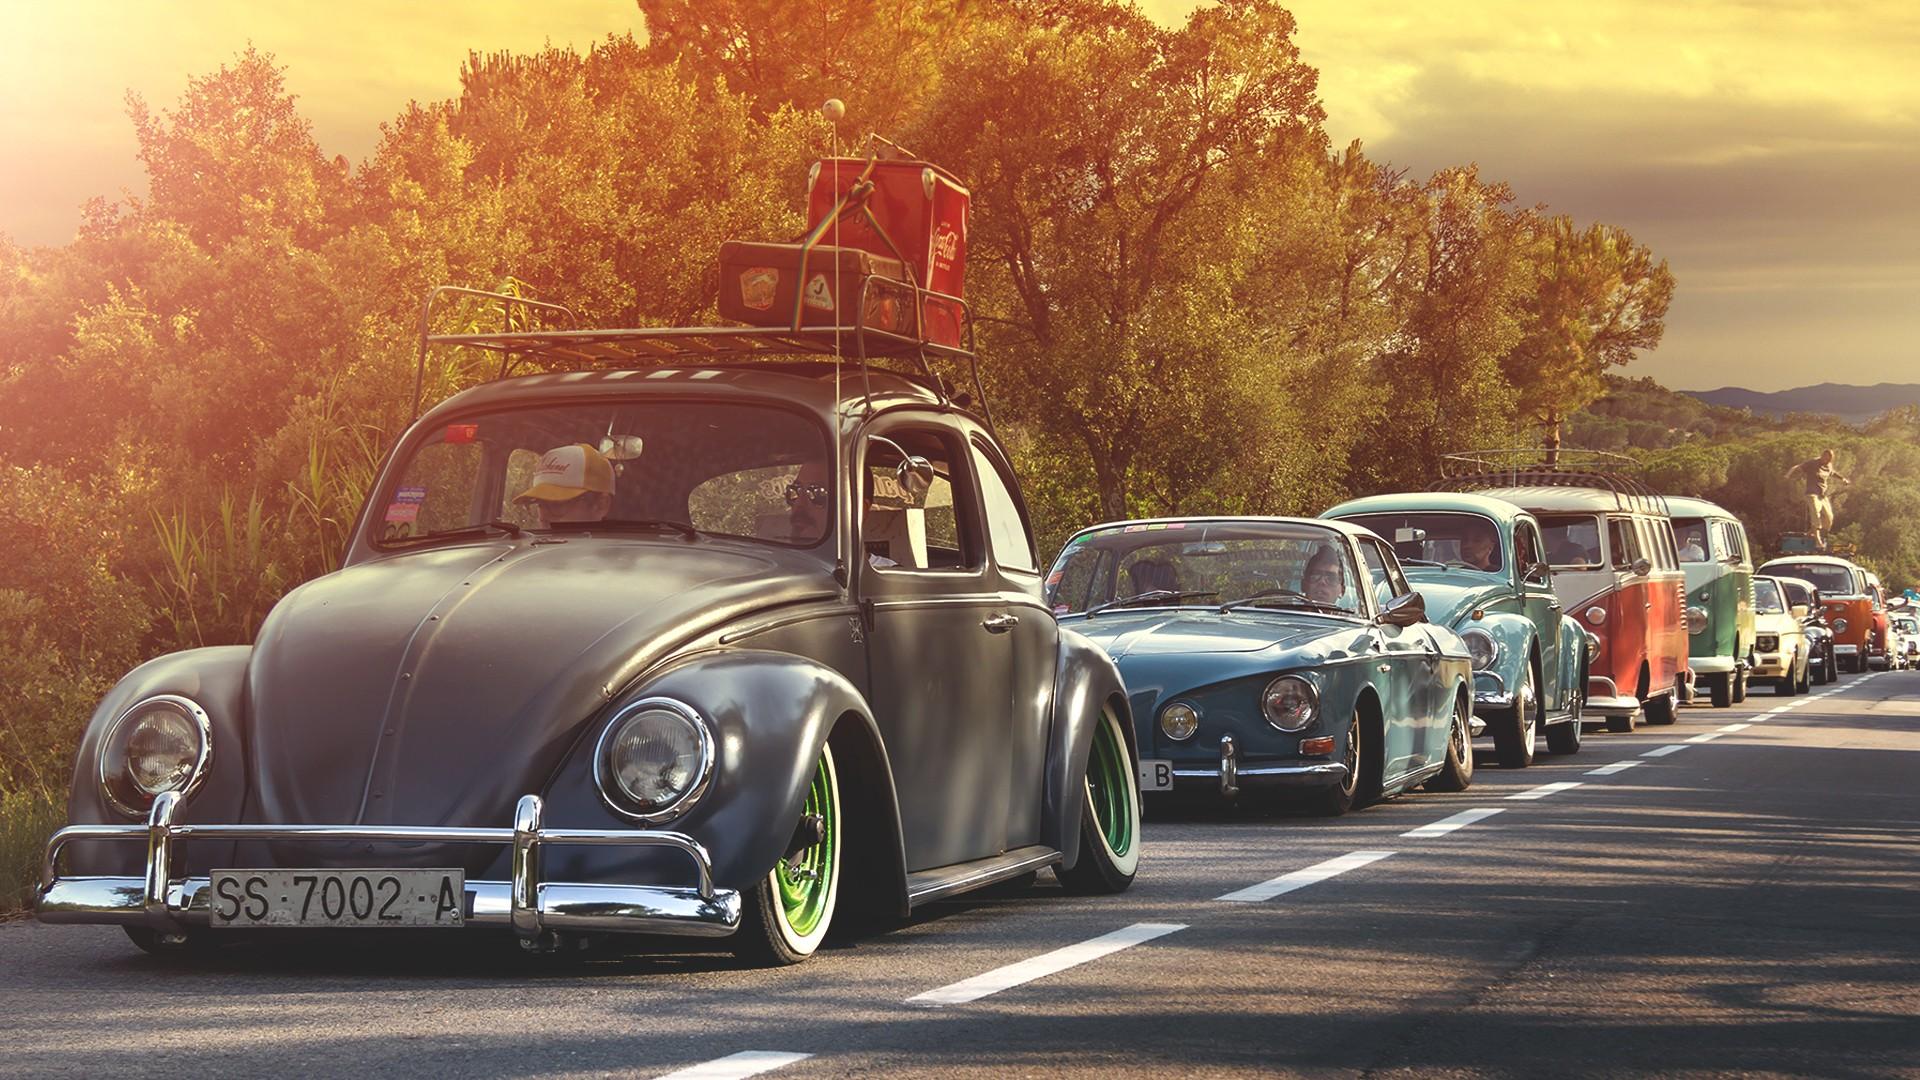 Wallpaper Volkswagen Beetle Volkswagen Combi Vintage Car Hot